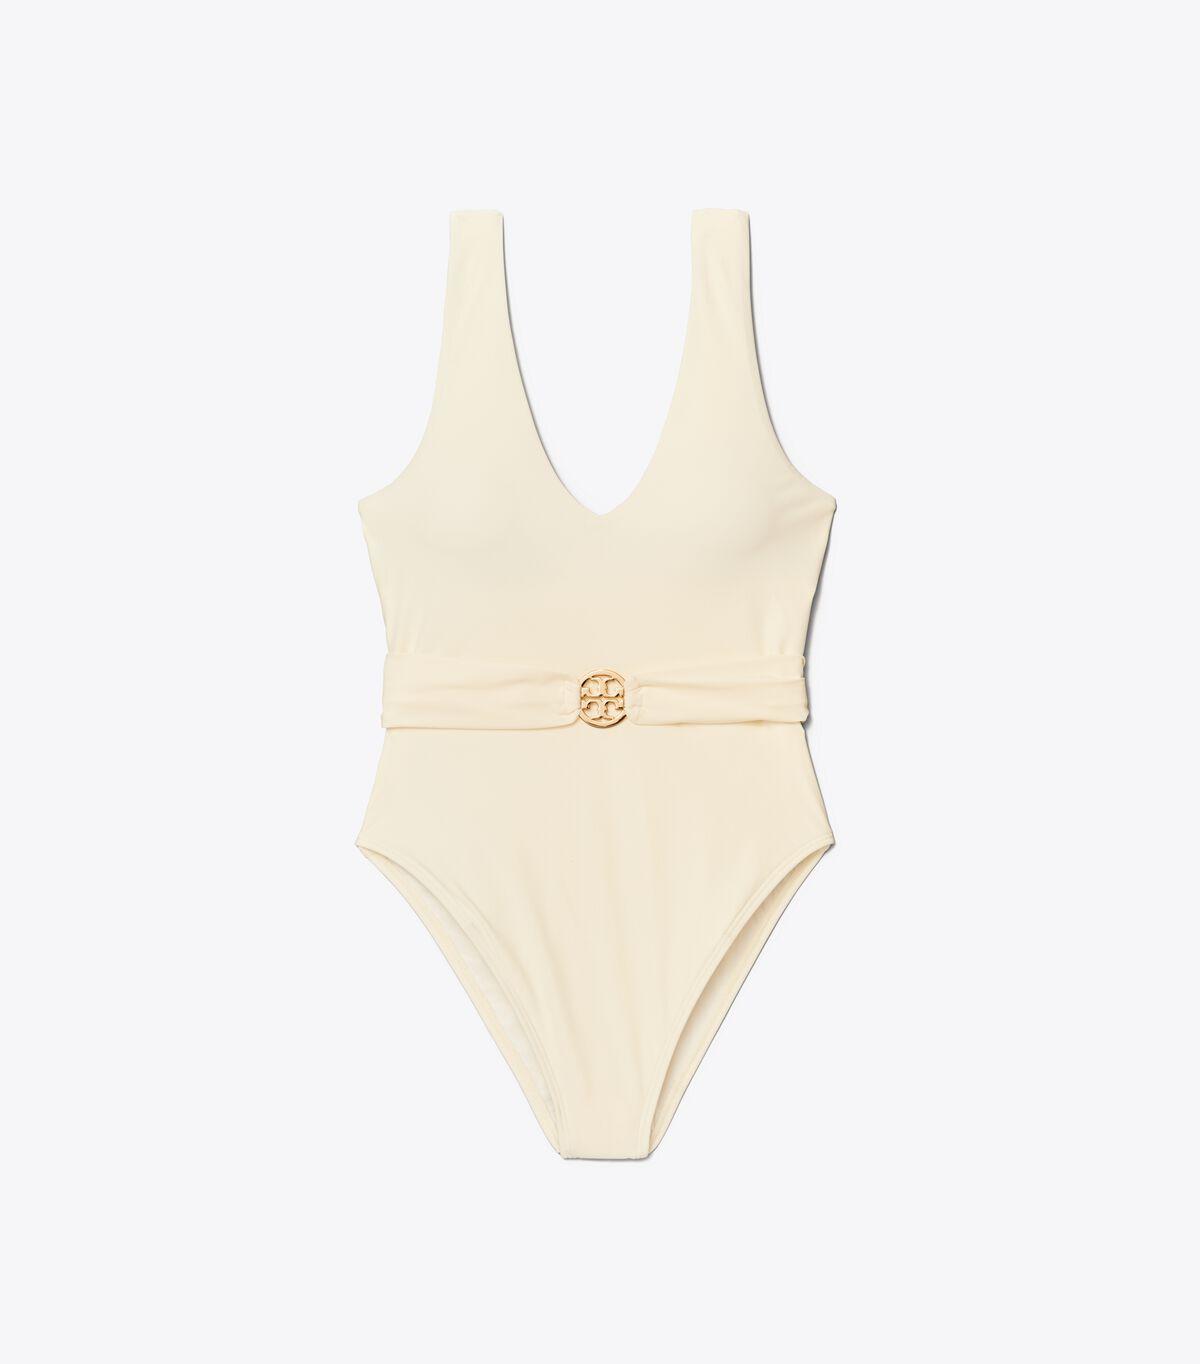 ملابس سباحةميلر بلنج من قطعة واحدة